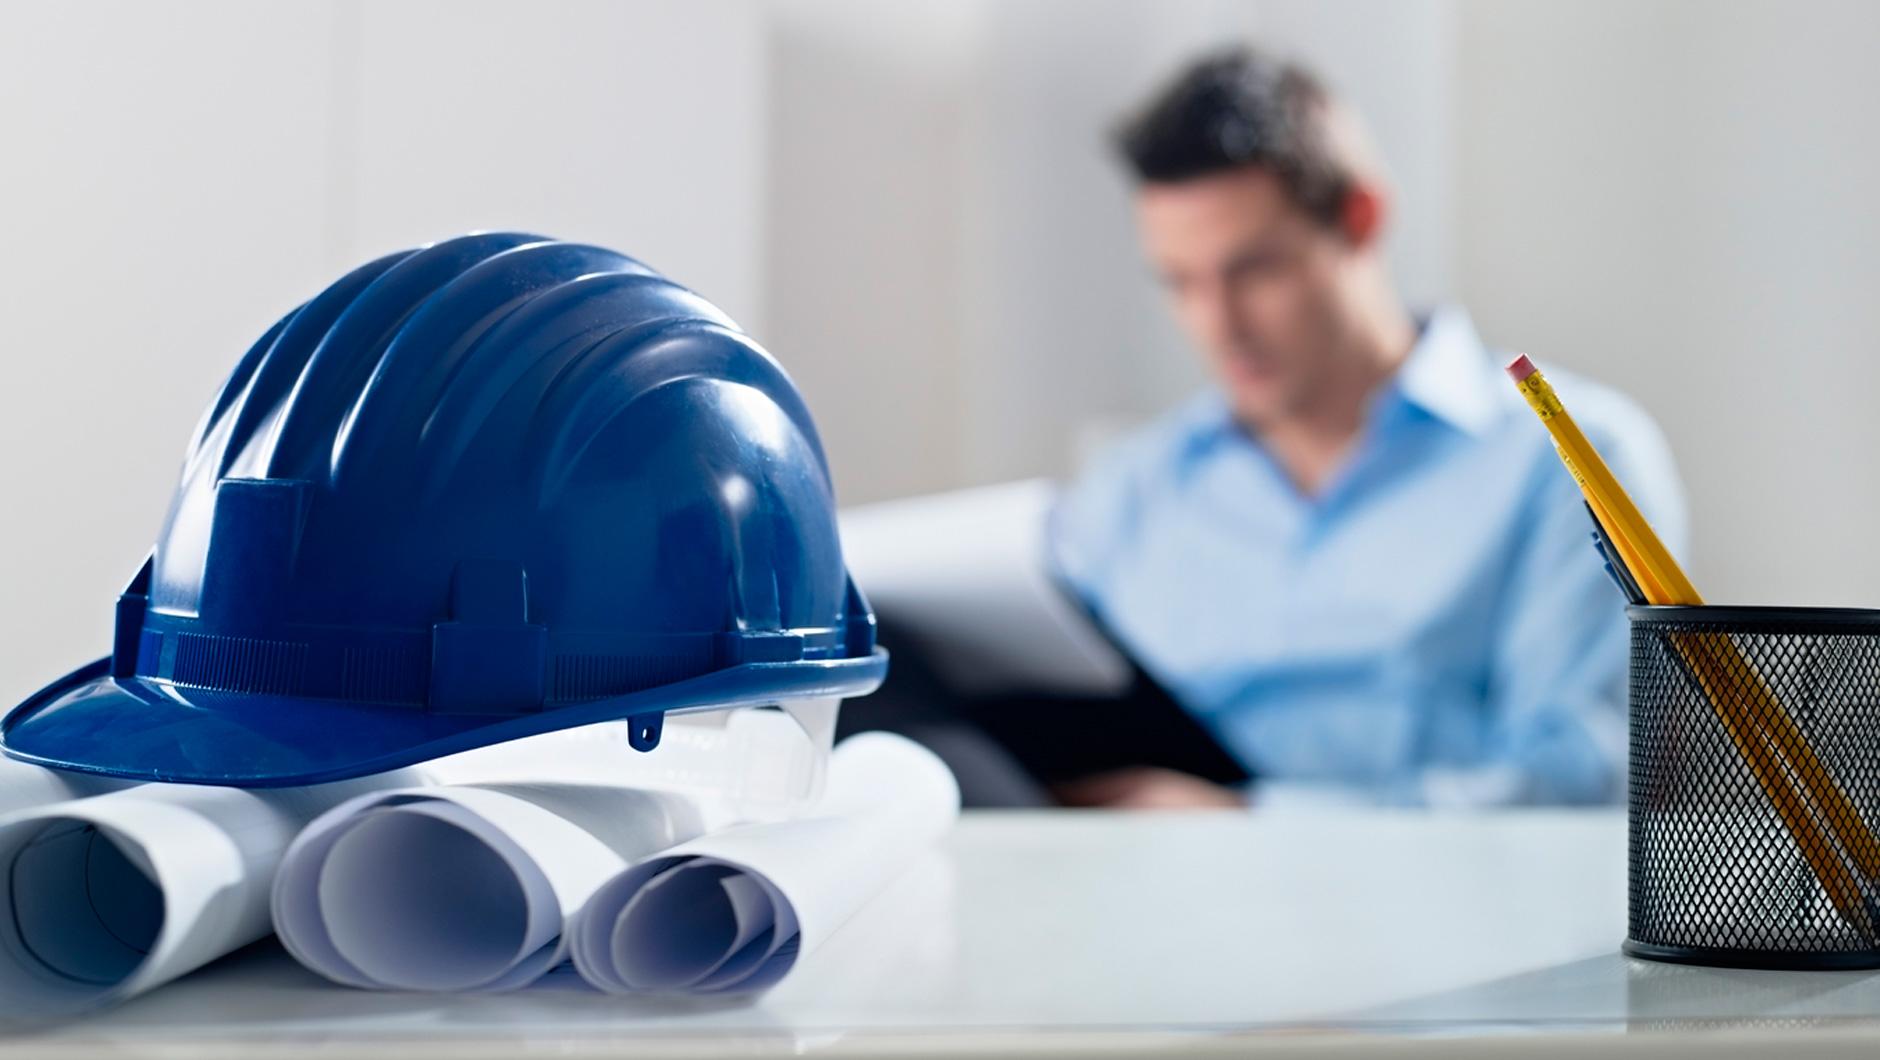 В Казахстане есть не трудоустроенные высококвалифицированные специалисты – ЦМП